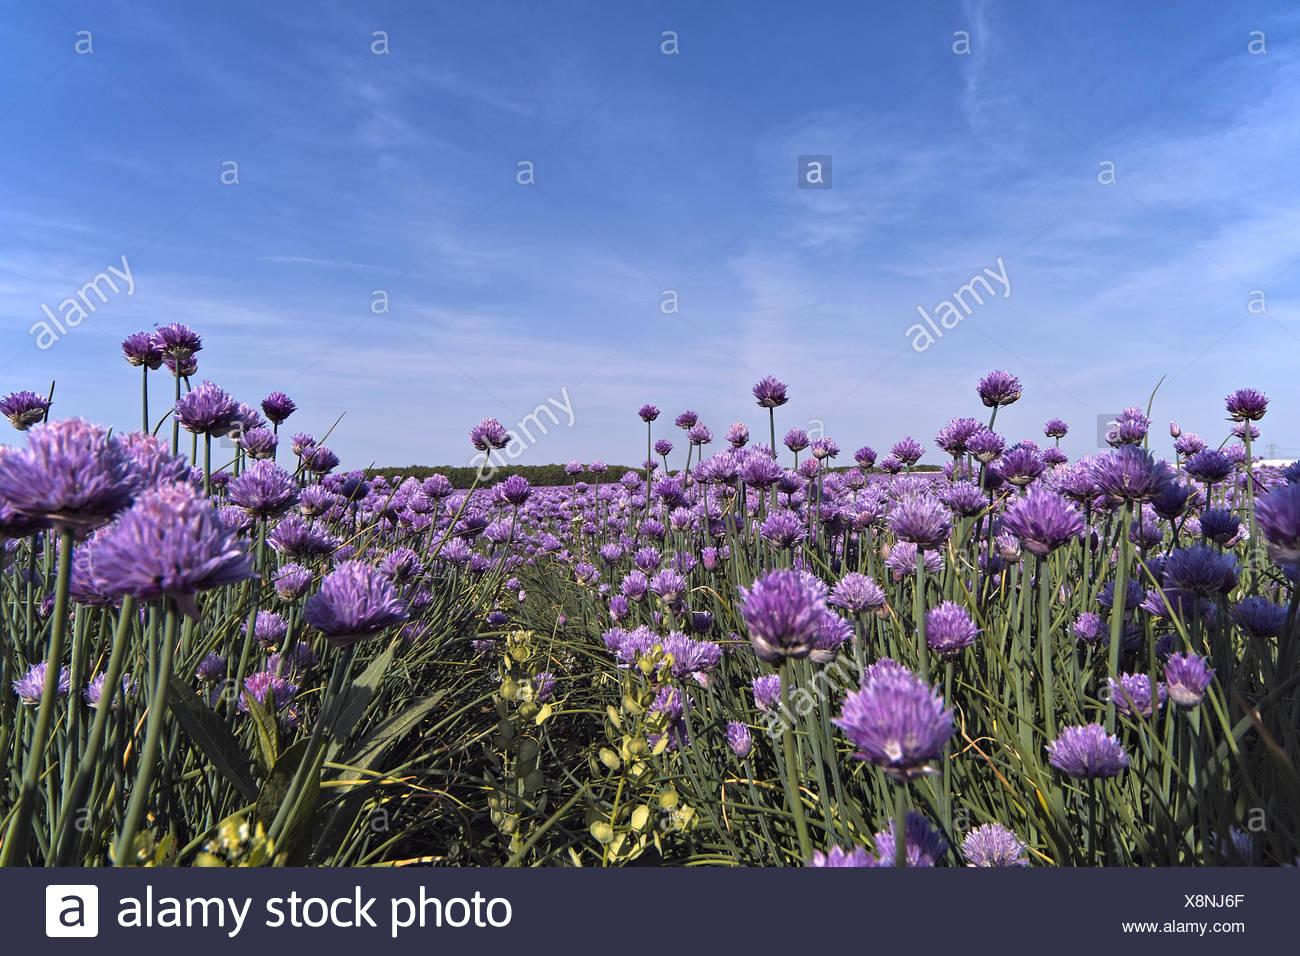 Allium schoenoprasum Schnittlauch Pflanze Marktfrische Pflanze